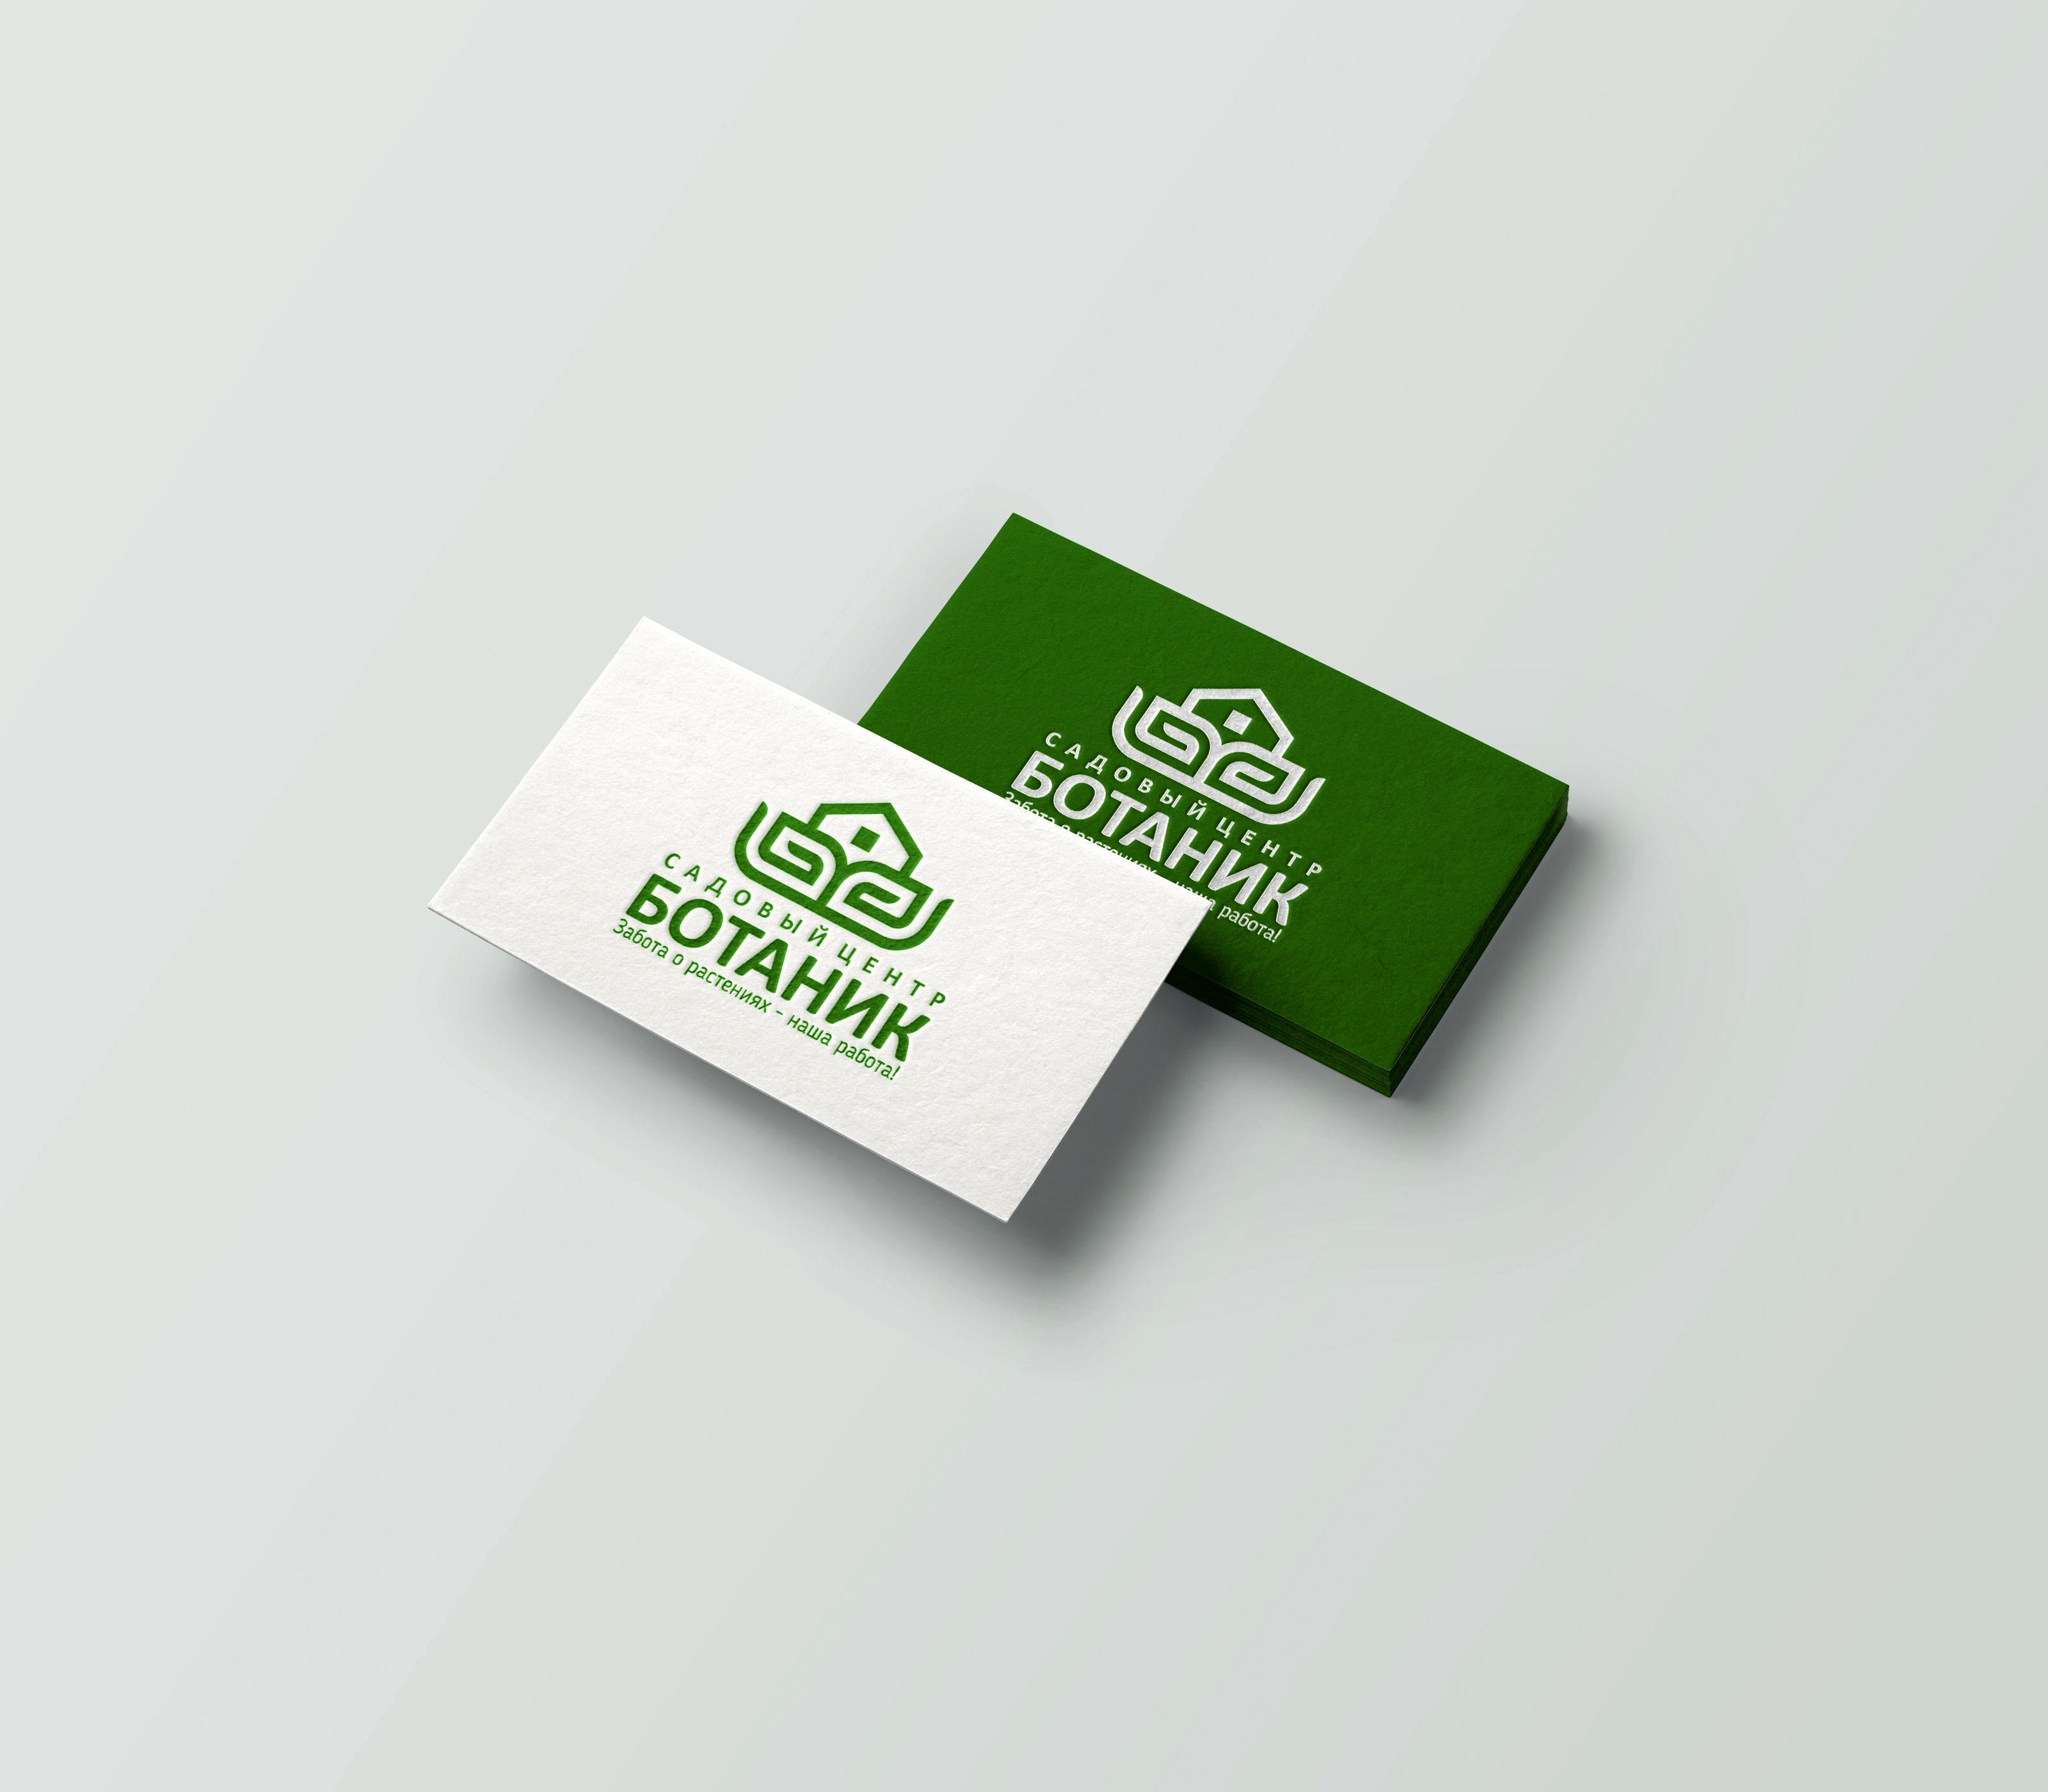 Разработка название садового центра, логотип и слоган фото f_8235a6d6362bb15a.jpg